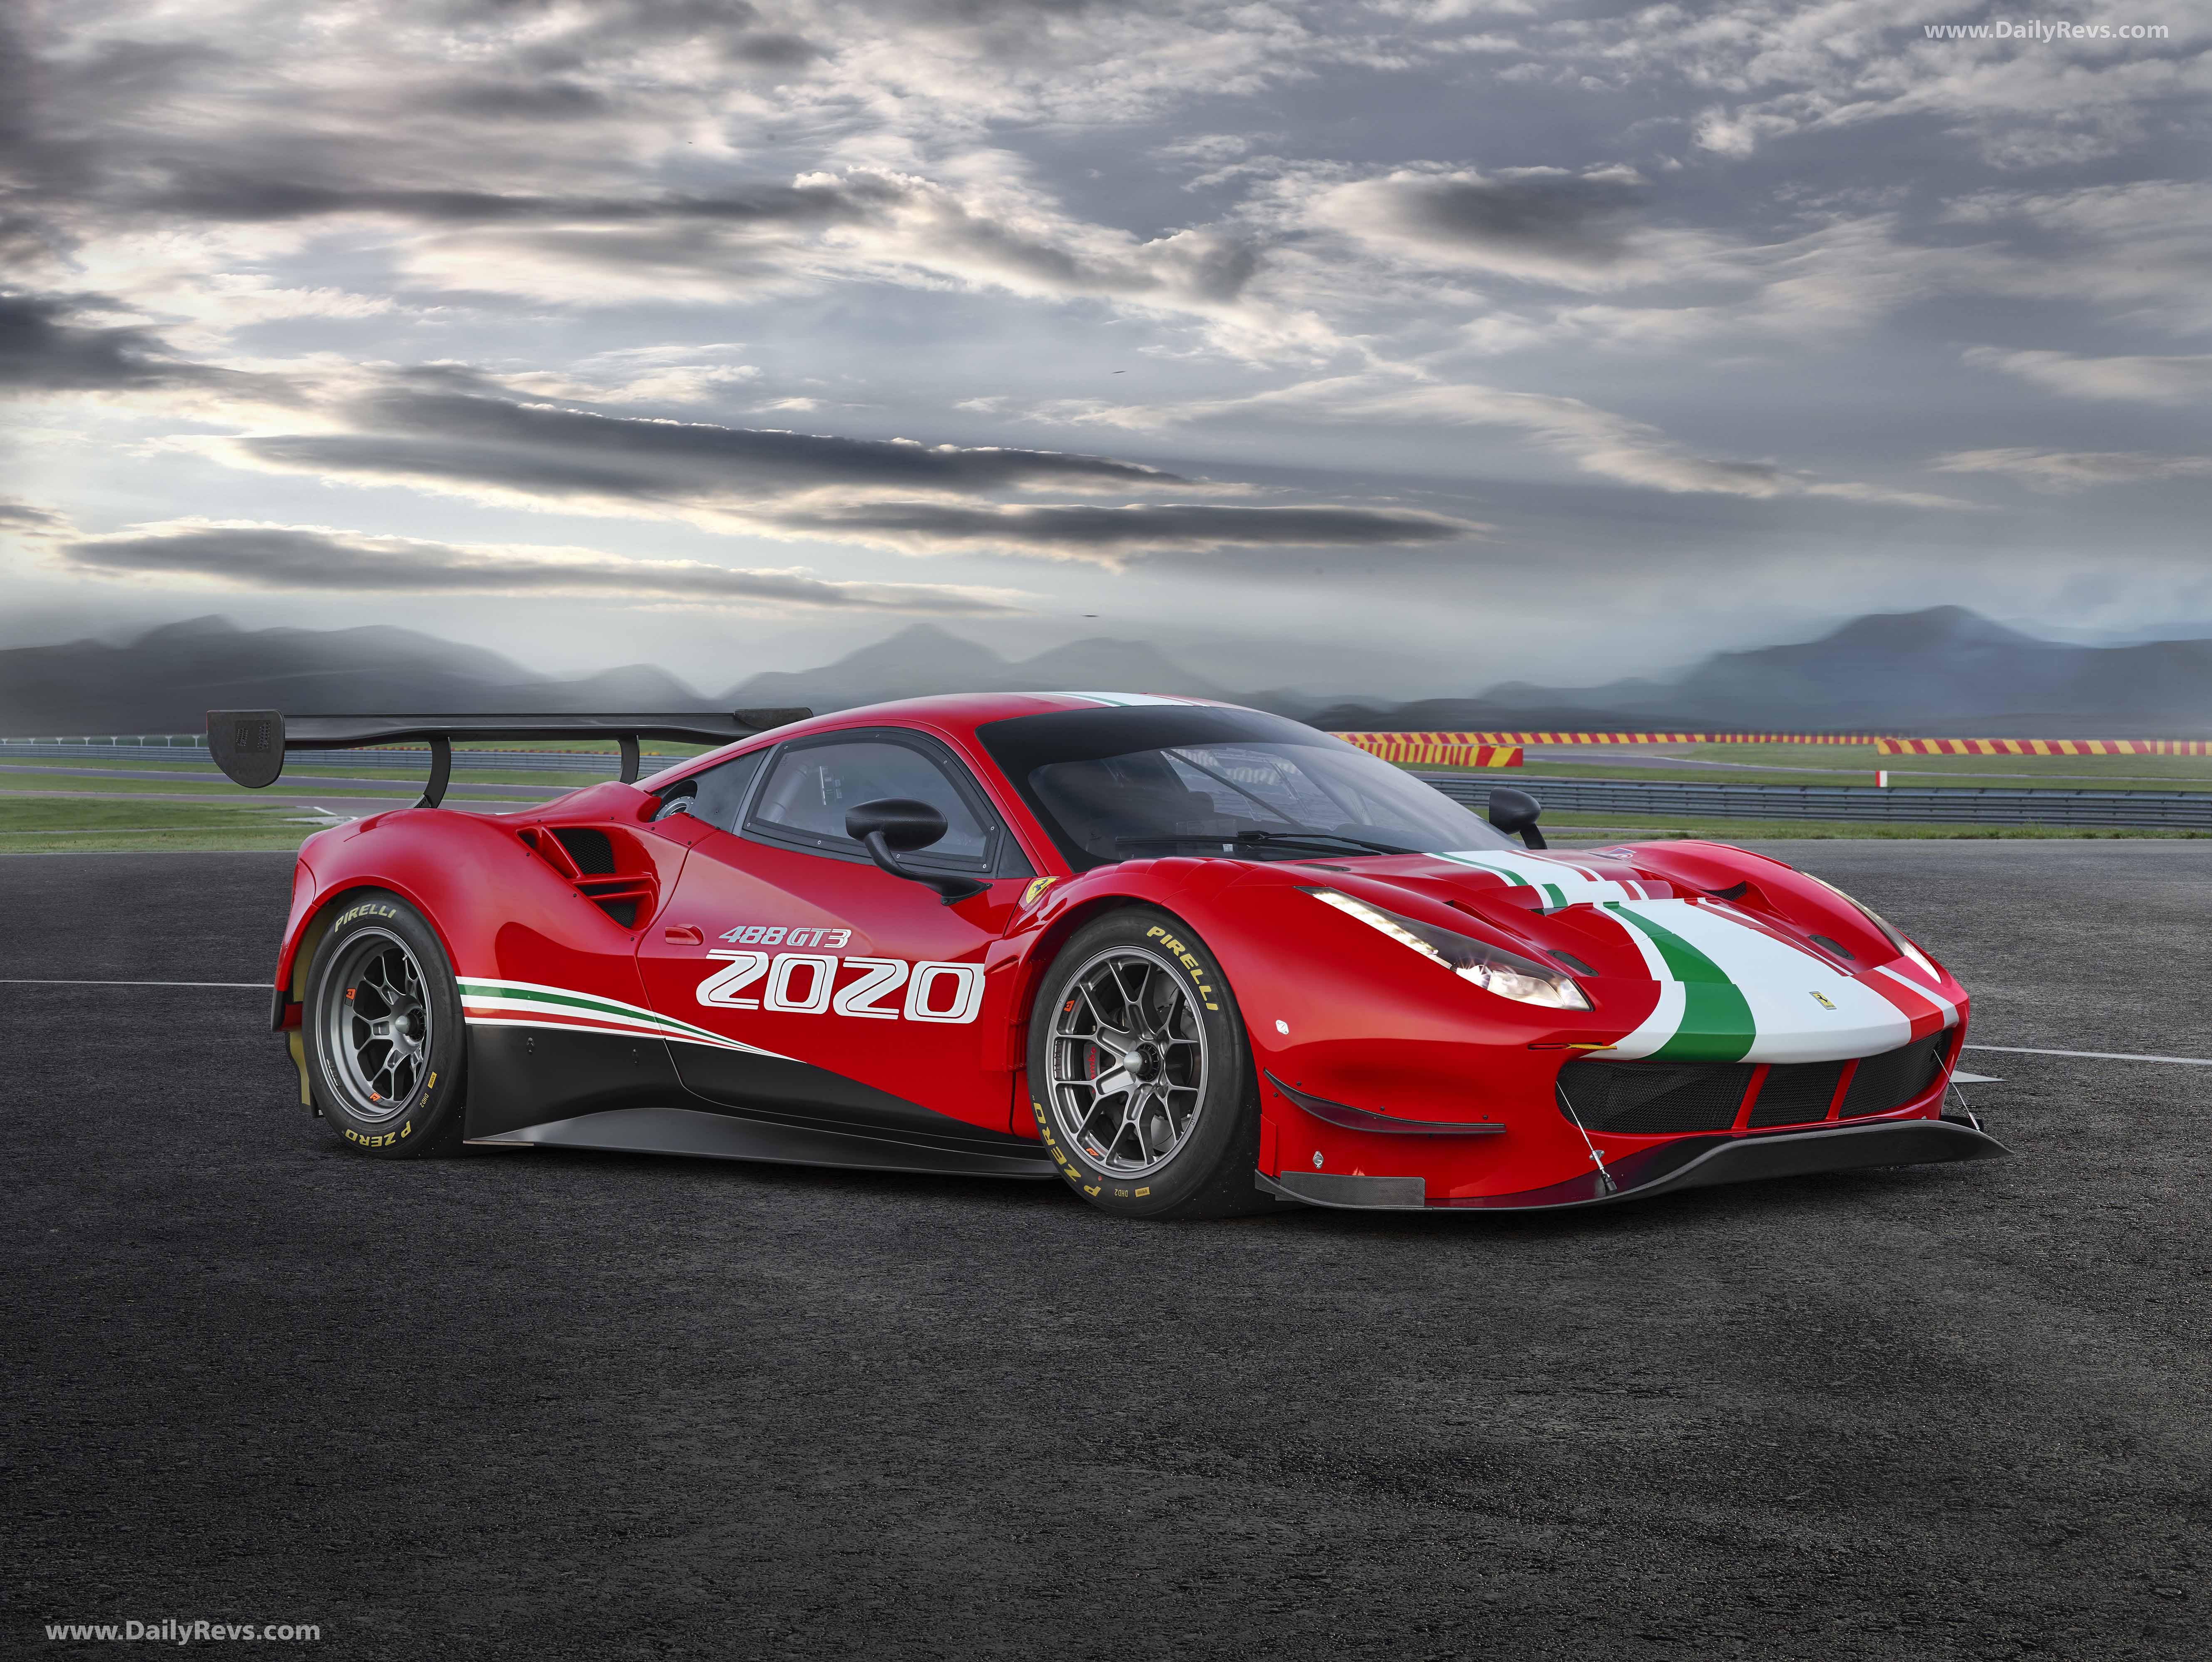 2020 Ferrari 488 GT3 Evo full